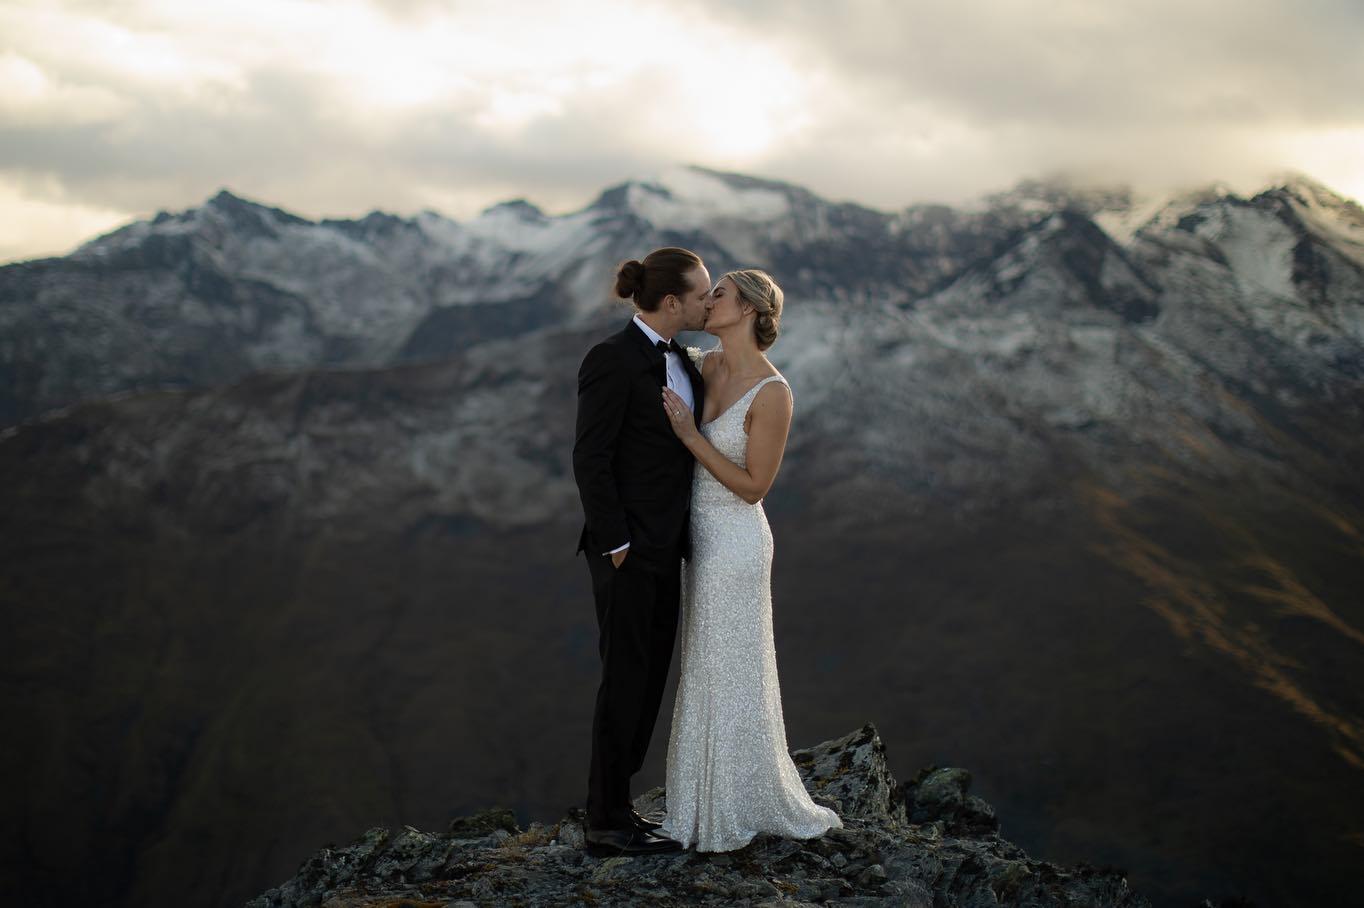 Chasewild Photography, elopement wedding photography - Wedding Hub - 06